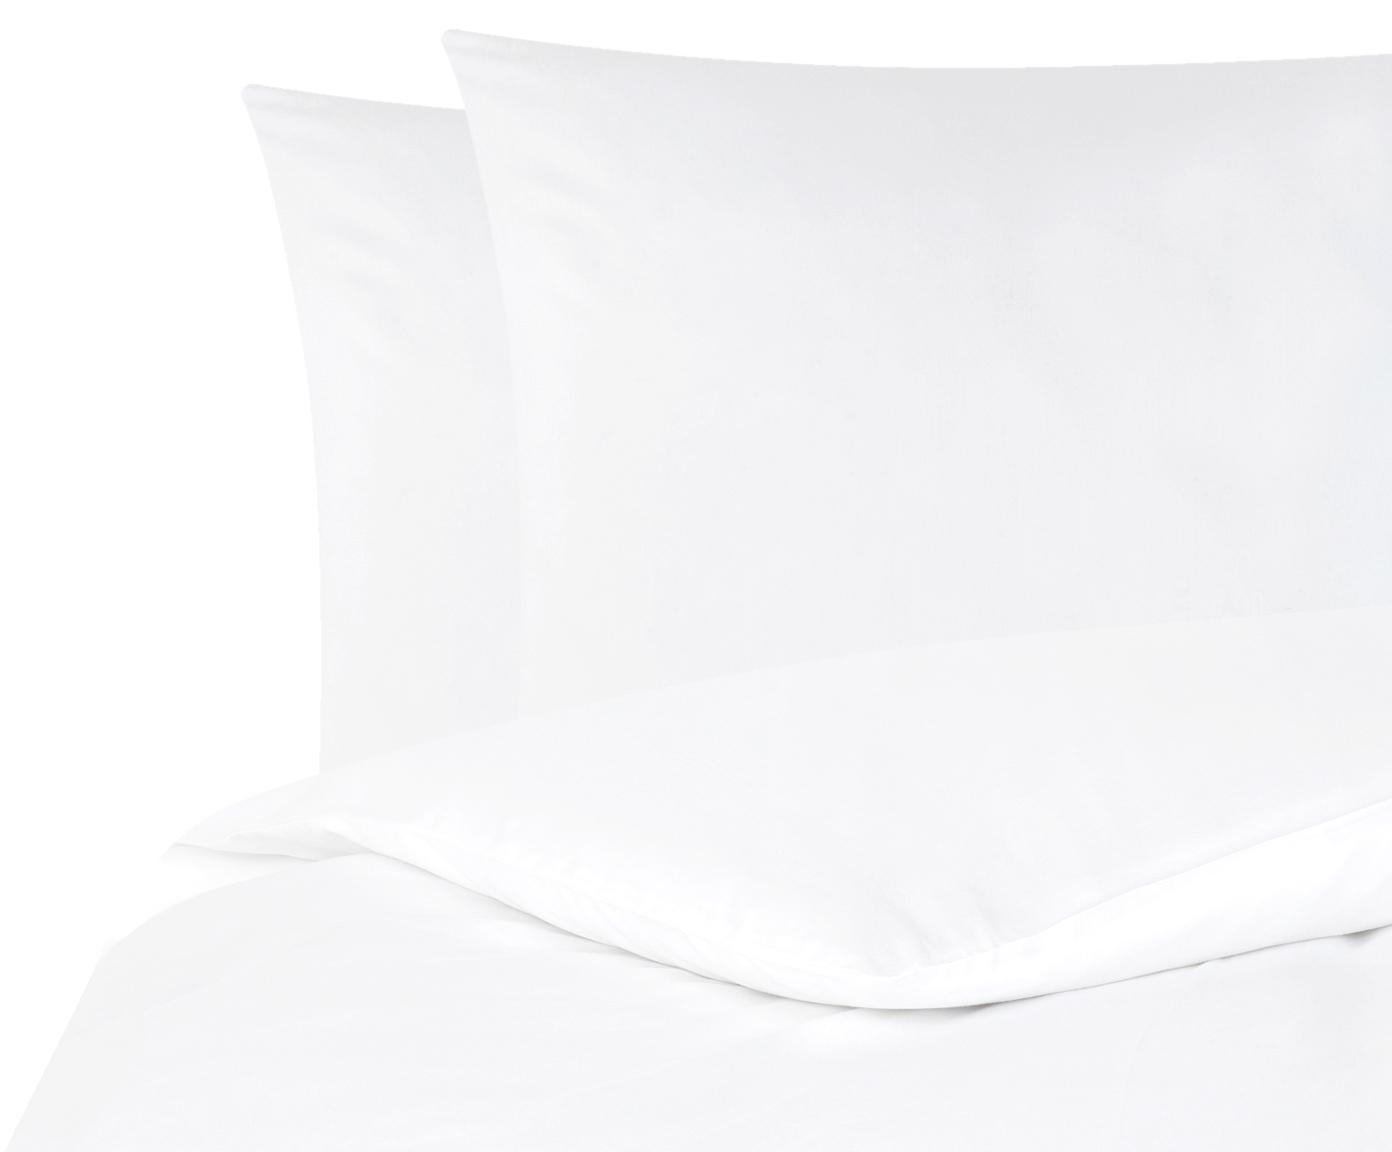 Parure copripiumino in raso di cotone Comfort, Bianco, 255 x 200 cm